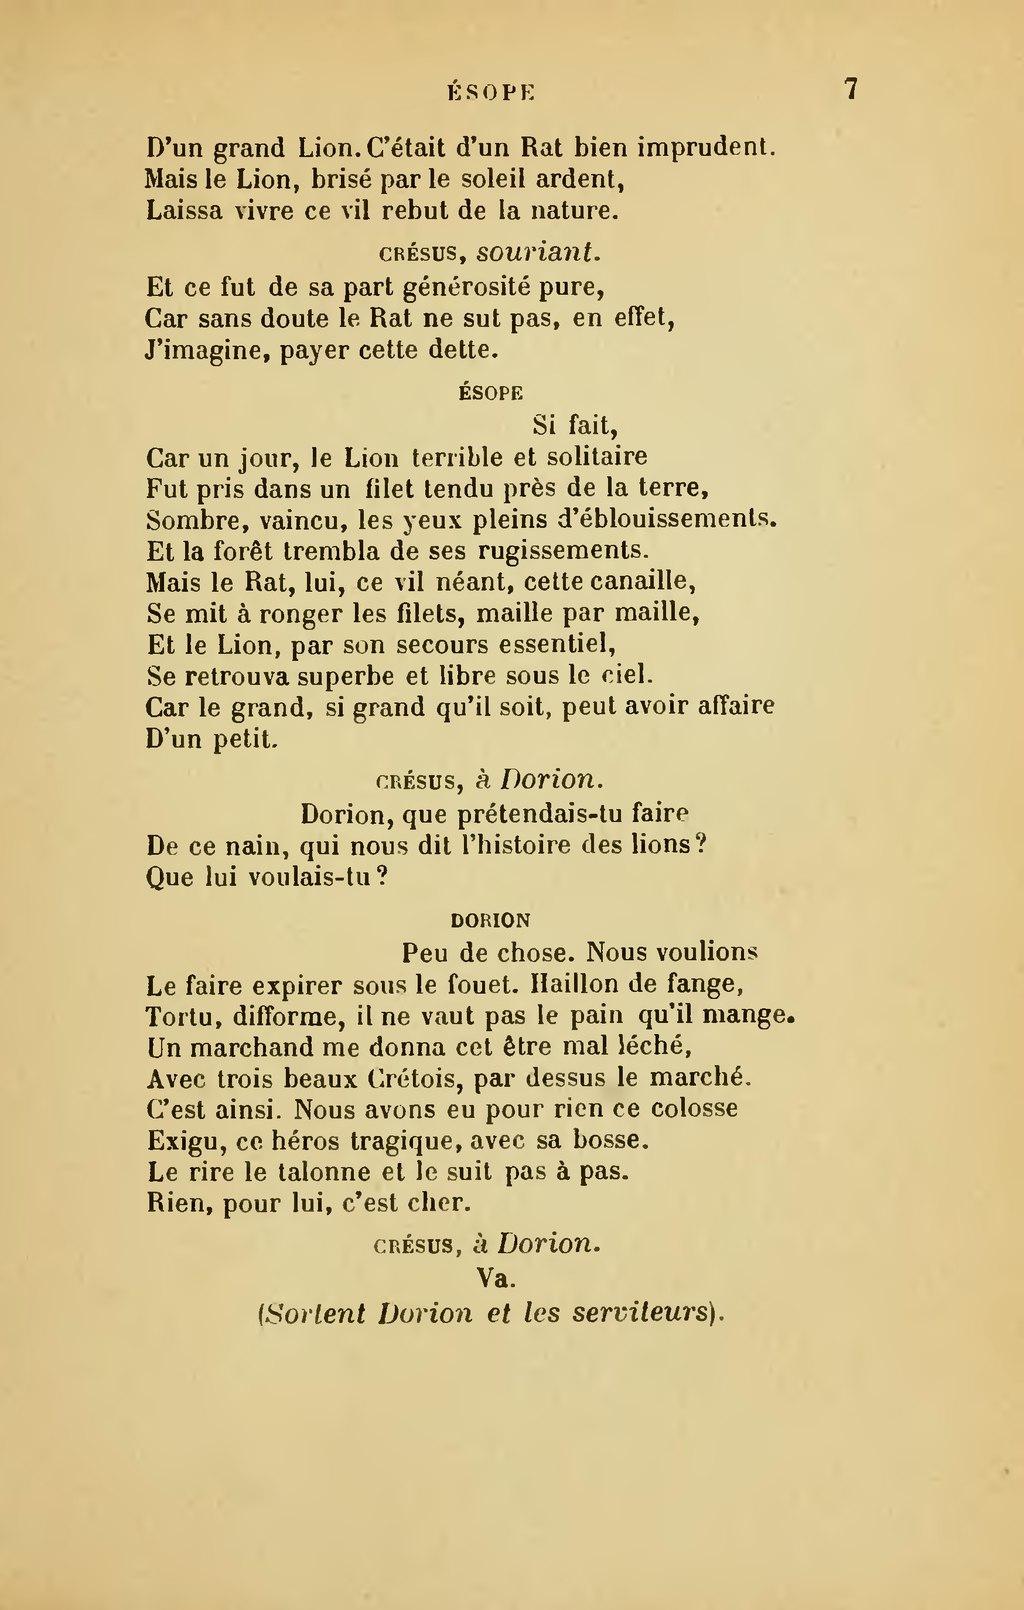 Le Lion Et Le Rat Esope : esope, Page:Banville, Ésope,, 1893.djvu/17, Wikisource